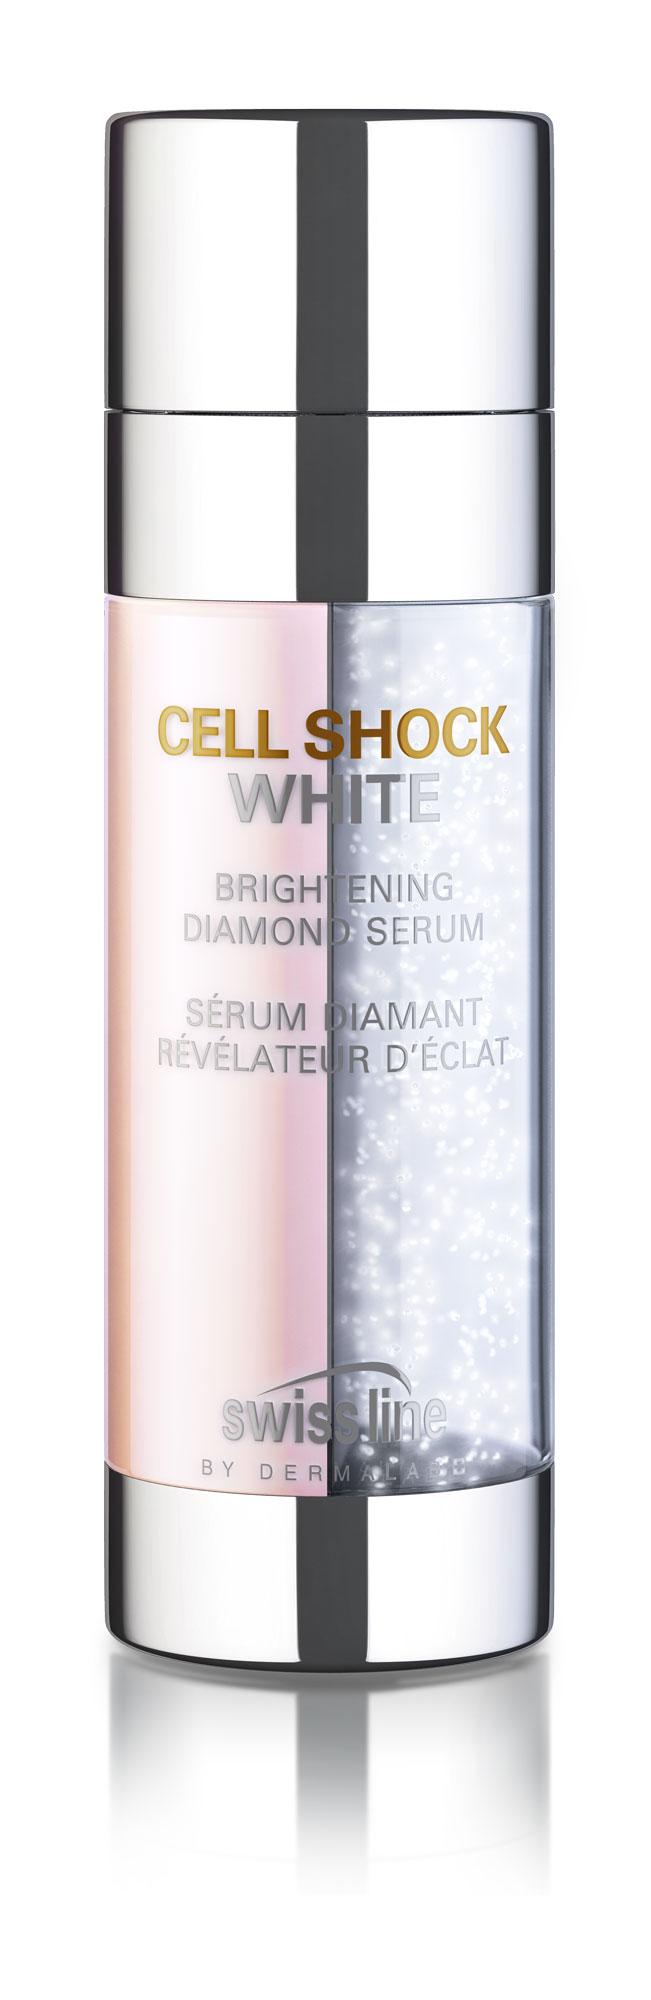 SWISS LINE Сыворотка осветляющая Алмазная / CELL SHOCK WHITE HD Brightening Diamond Serum, 40 мл